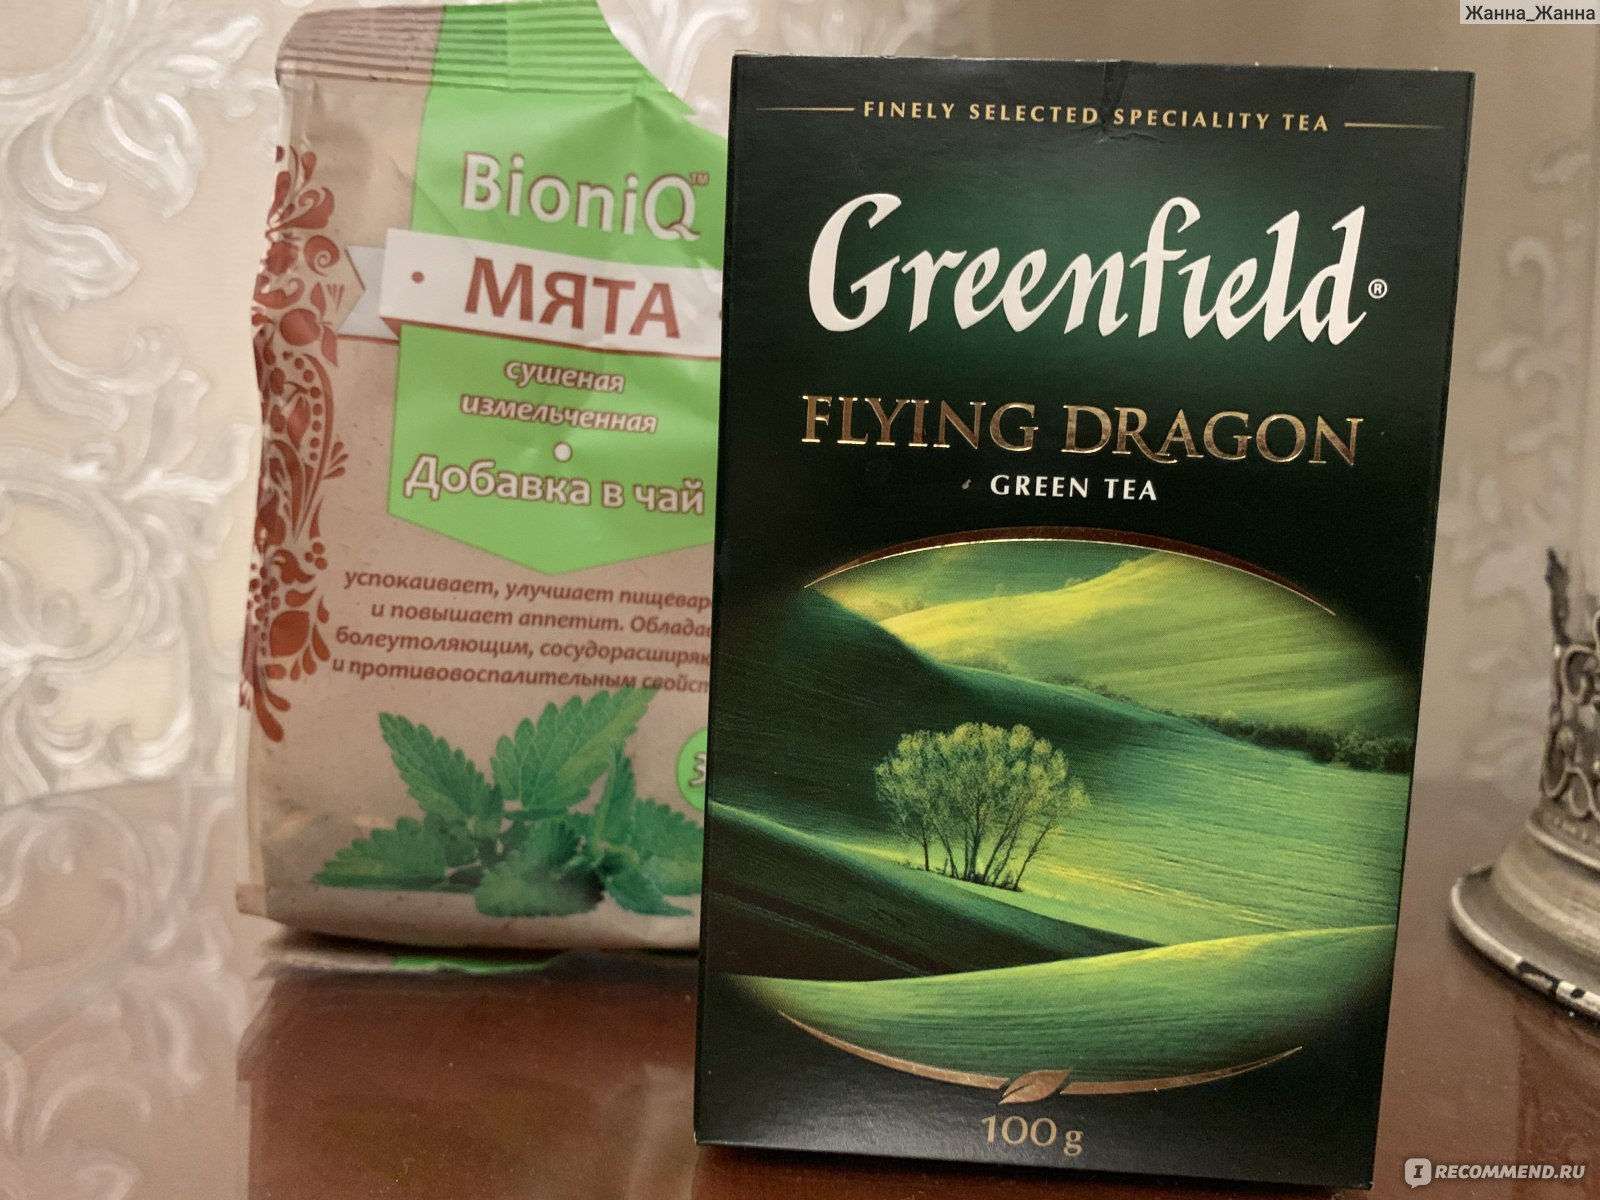 Применение зеленого чая в косметике